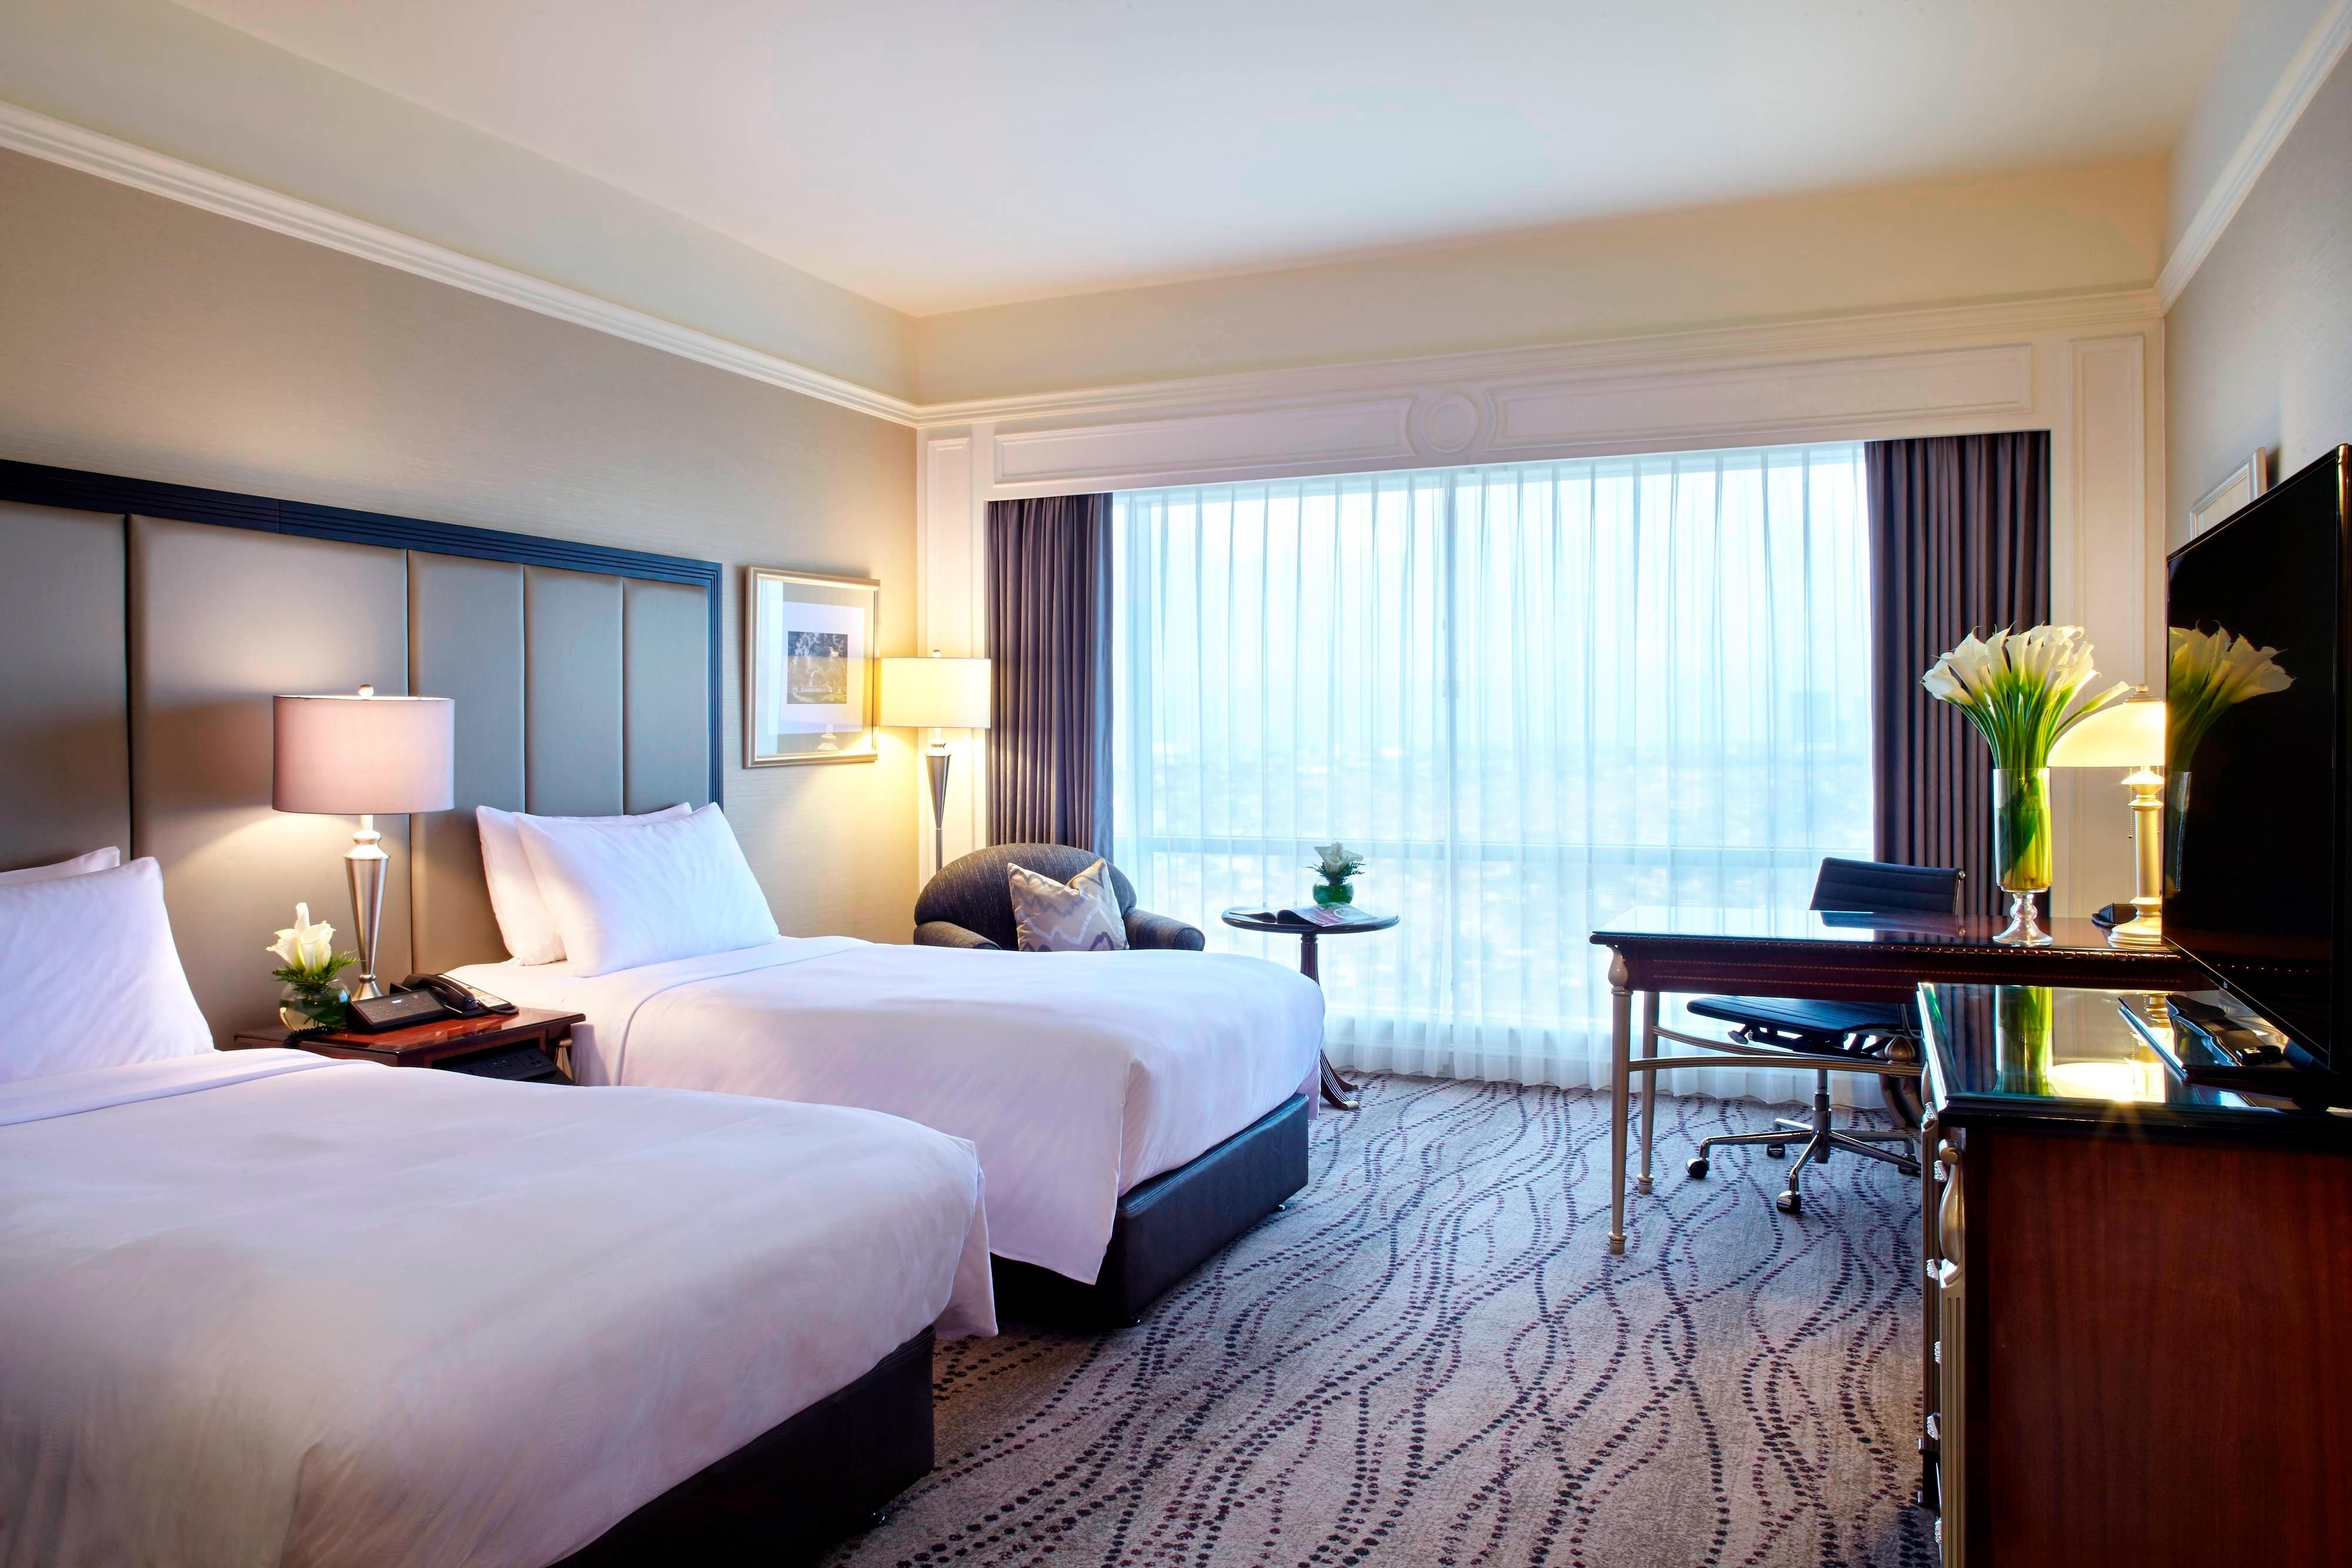 H Tels De Luxe Surabaya En Indon Sie Jw Marriott Hotel Surabaya